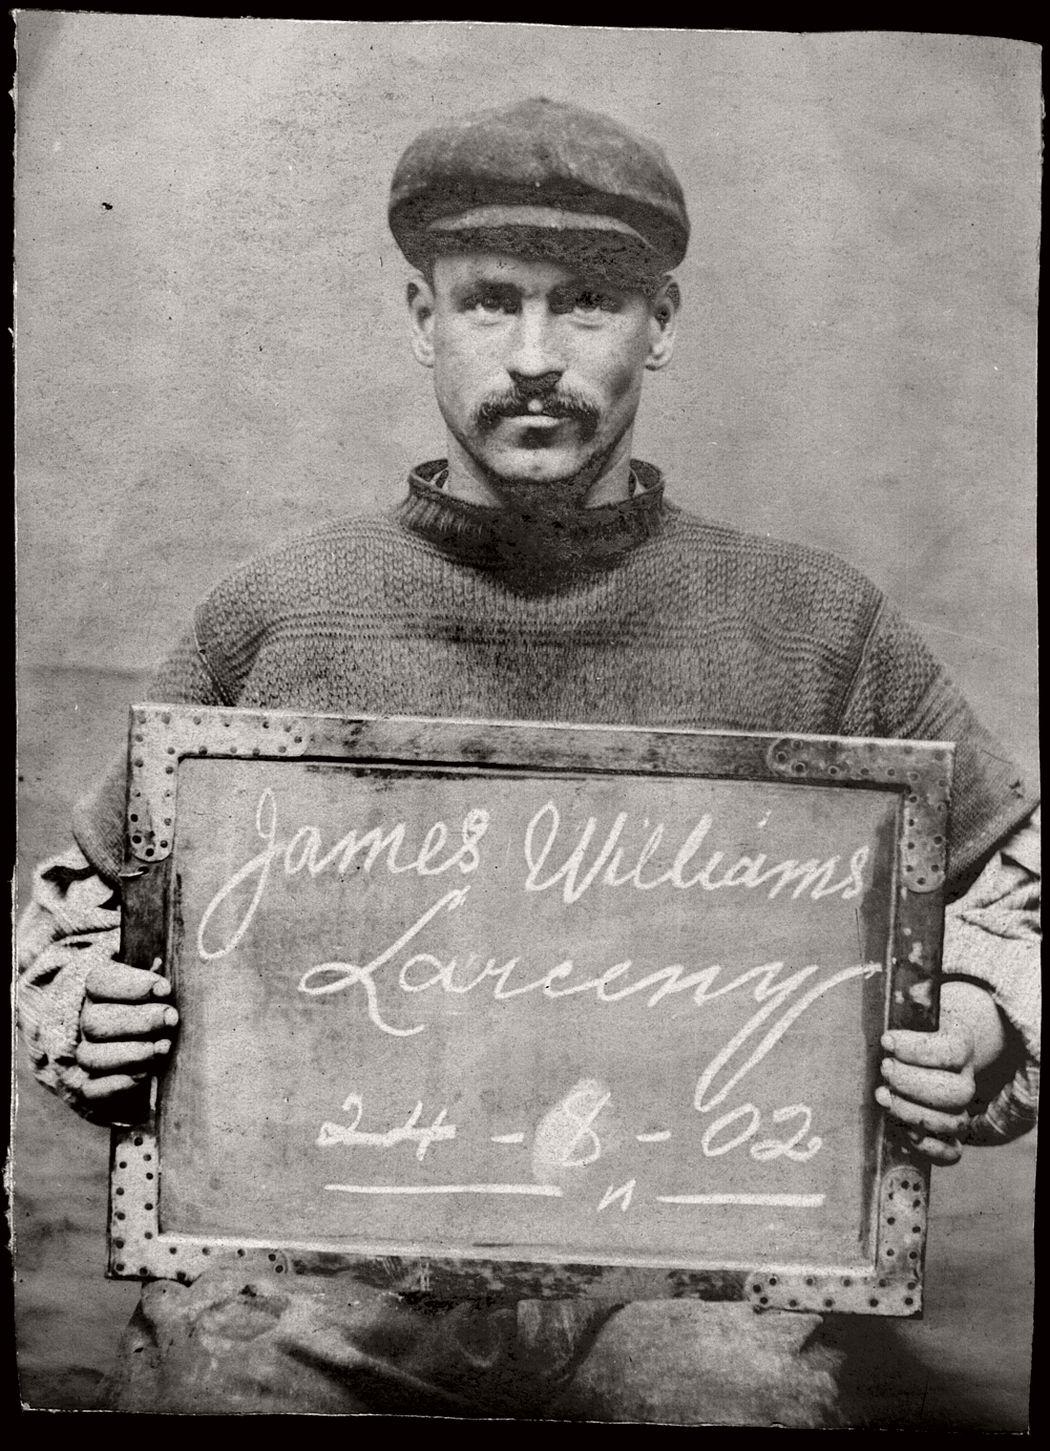 vintage-mug-shot-of-criminals-from-north-shields-1902-1905-12